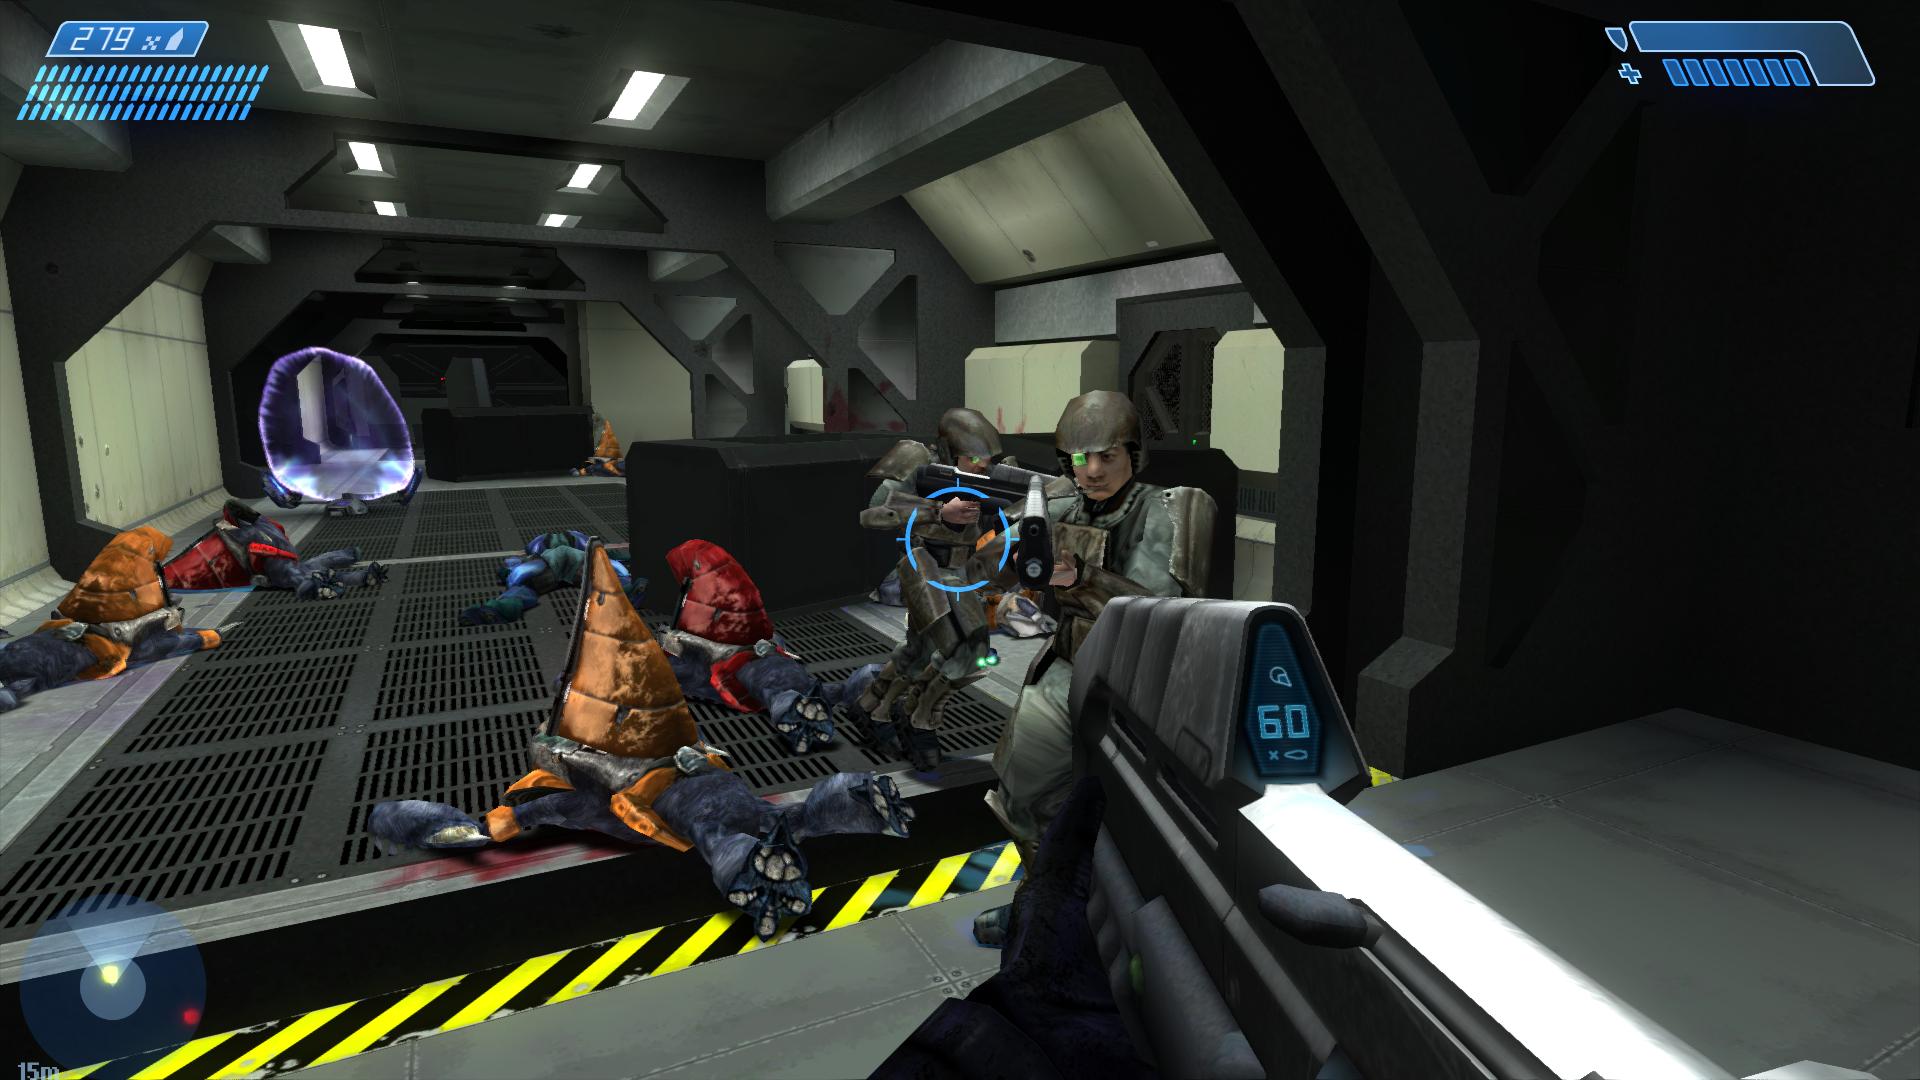 Bonus Level: Halo Combat Evolved campaign pc modding guide